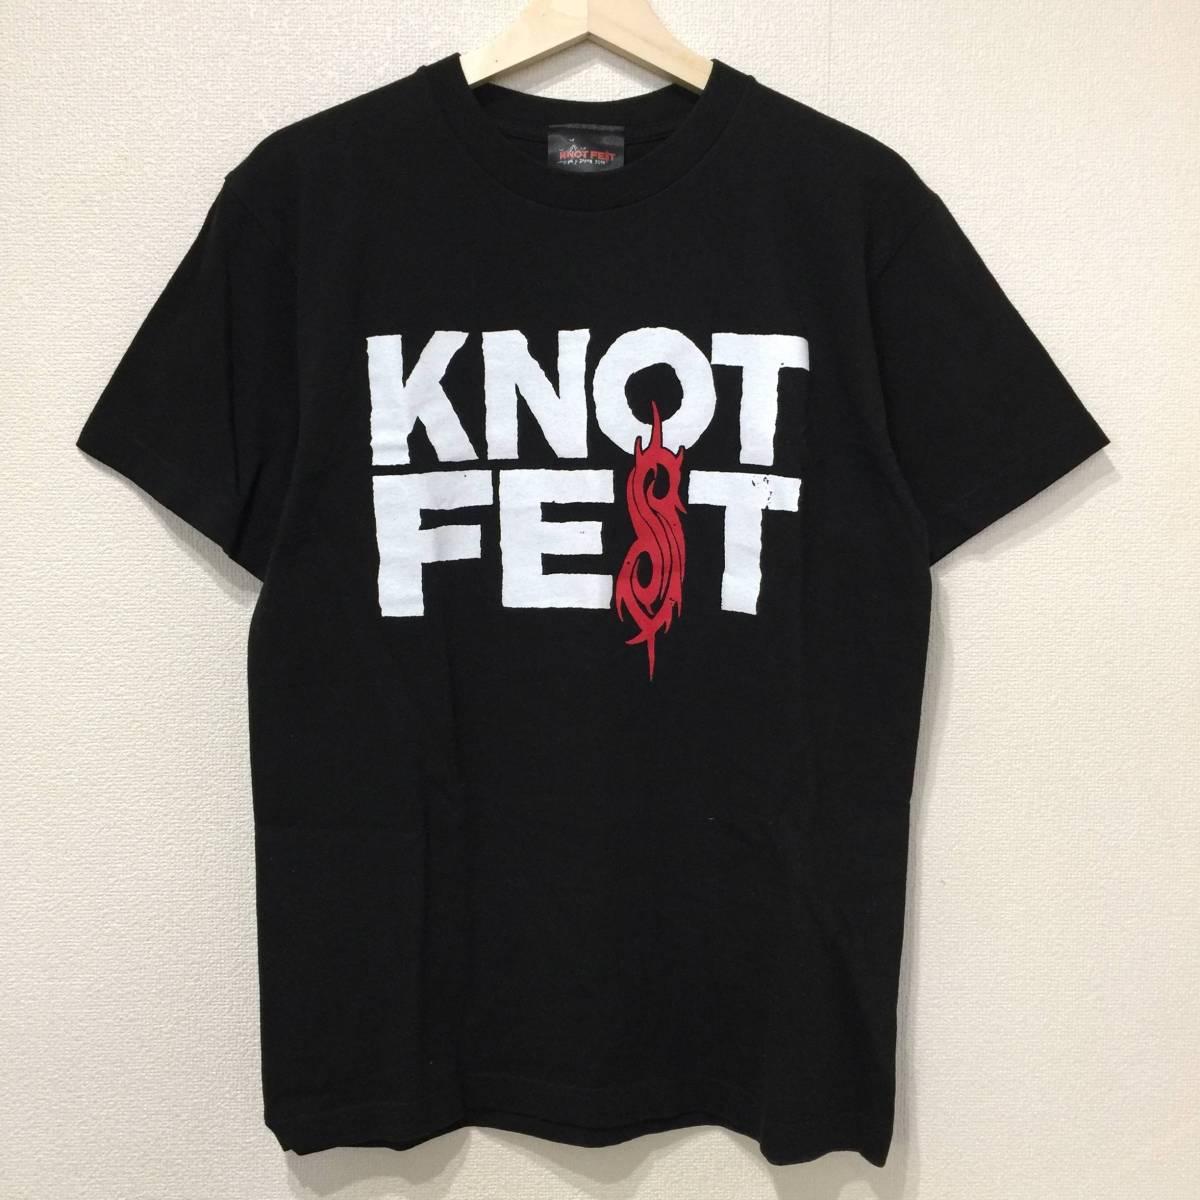 SLIPKNOT スリップノット 2014年 KNOTFEST JAPAN 幕張メッセ ツアー Tシャツ M 検索》バンド スラッシュ メタル UK ロック イギリス